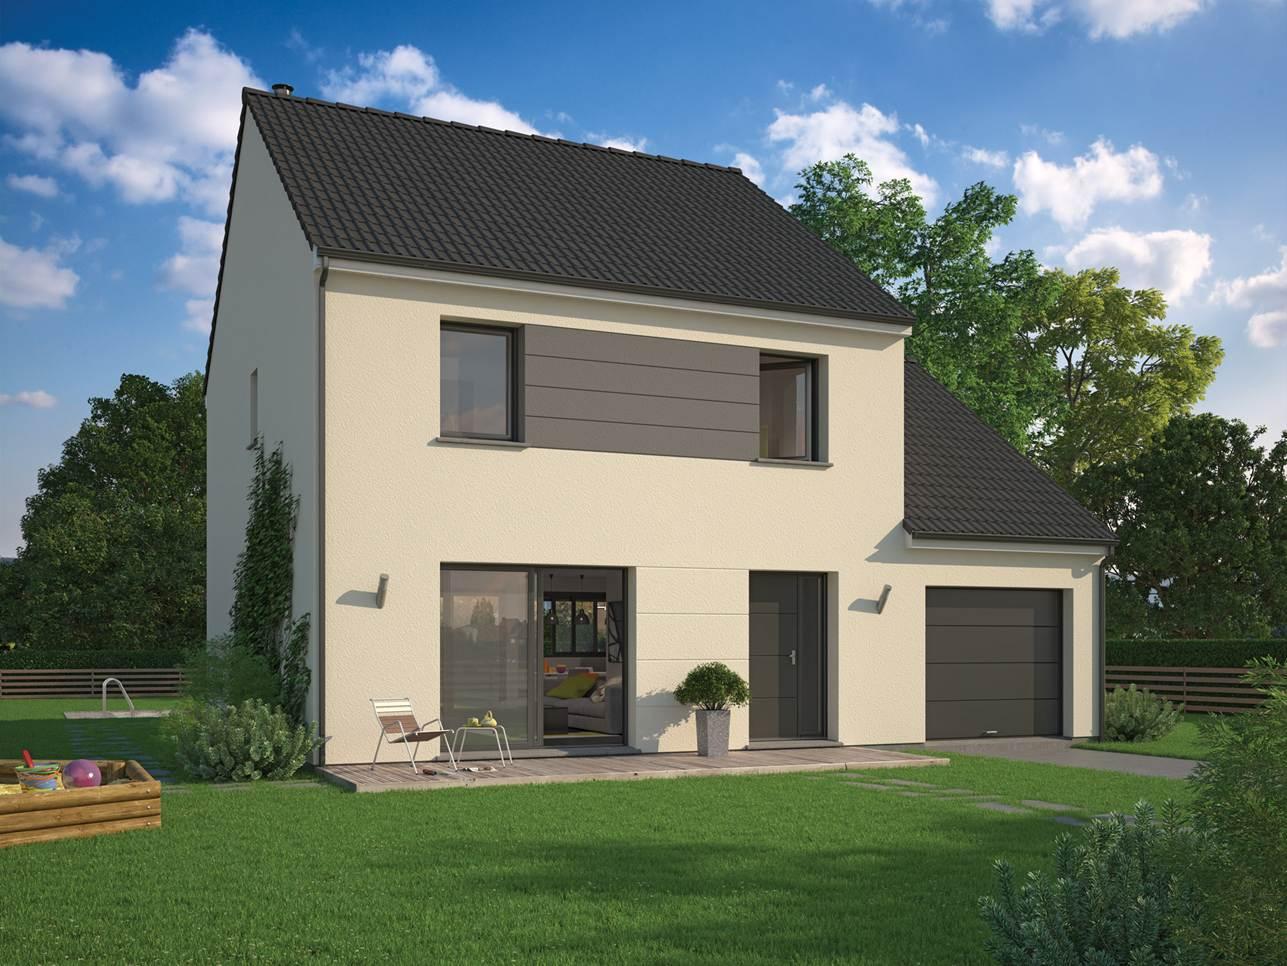 Maisons + Terrains du constructeur MAISON FAMILIALE • 95 m² • BRETIGNY SUR ORGE